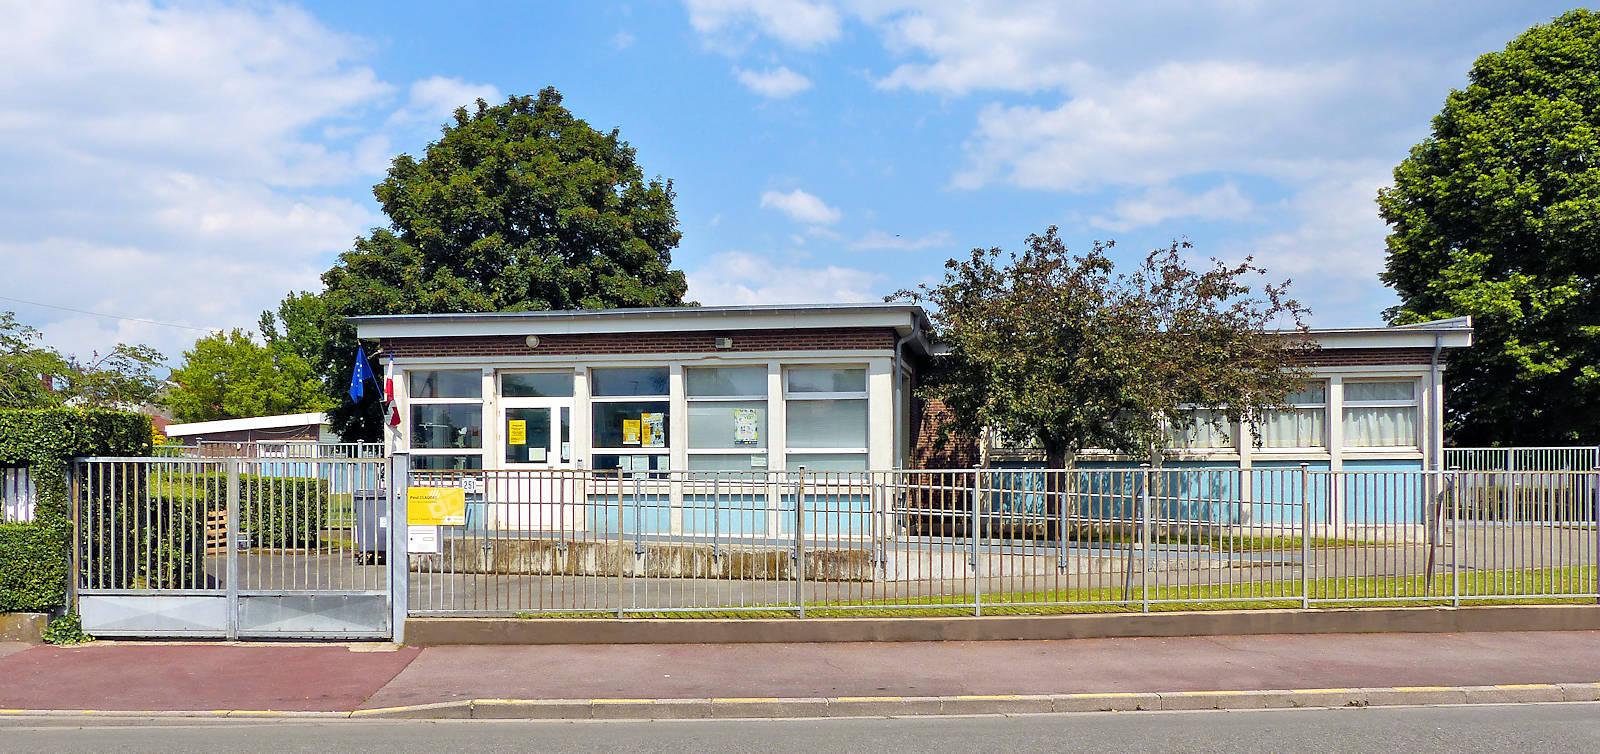 École Maternelle Paul Claudel - Tourcoing, rue du Pont de Neuville